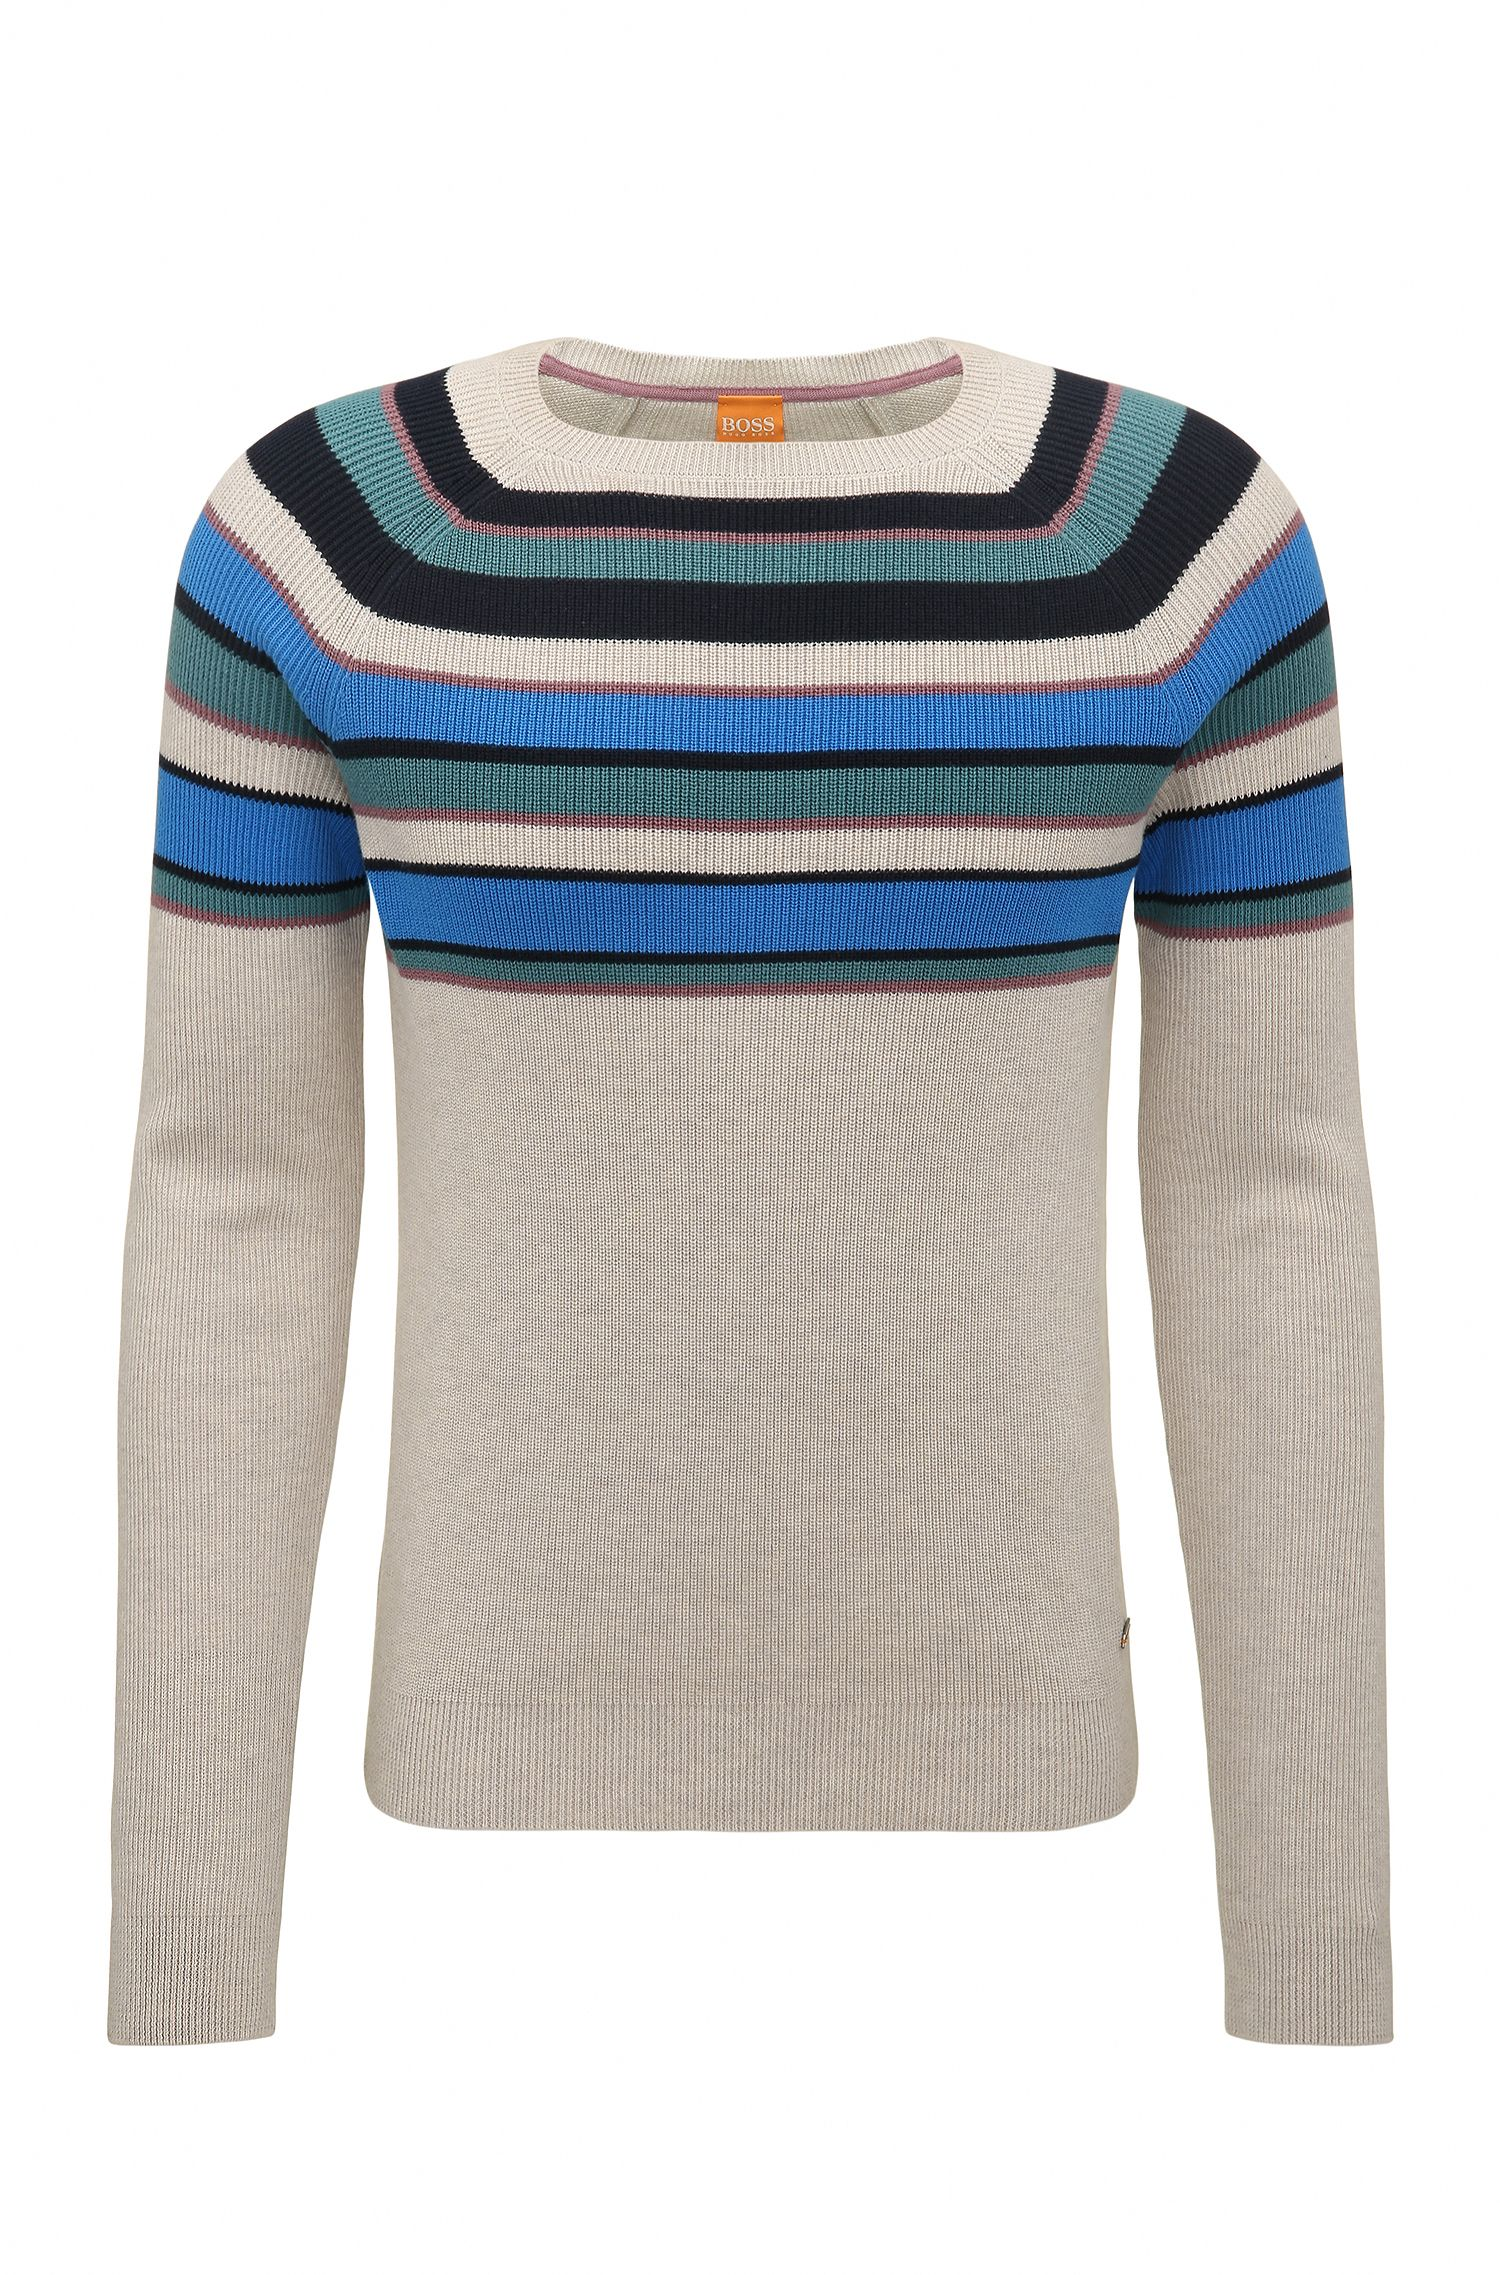 'Kasmund' | Slim Fit, Striped Cotton Sweater